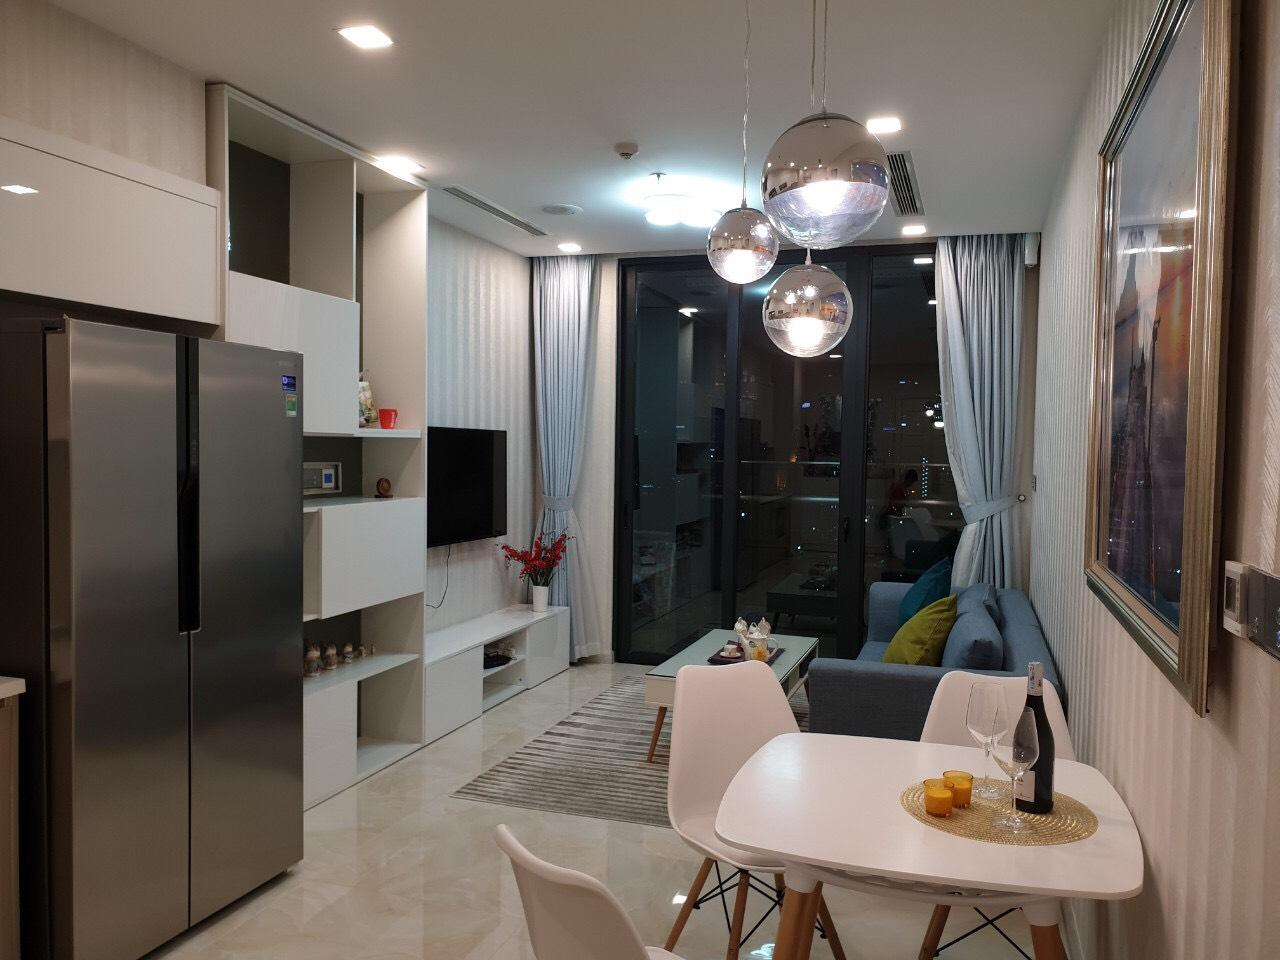 Cho thuê 1 phòng ngủ Vinhomes Golden river - ID 010105